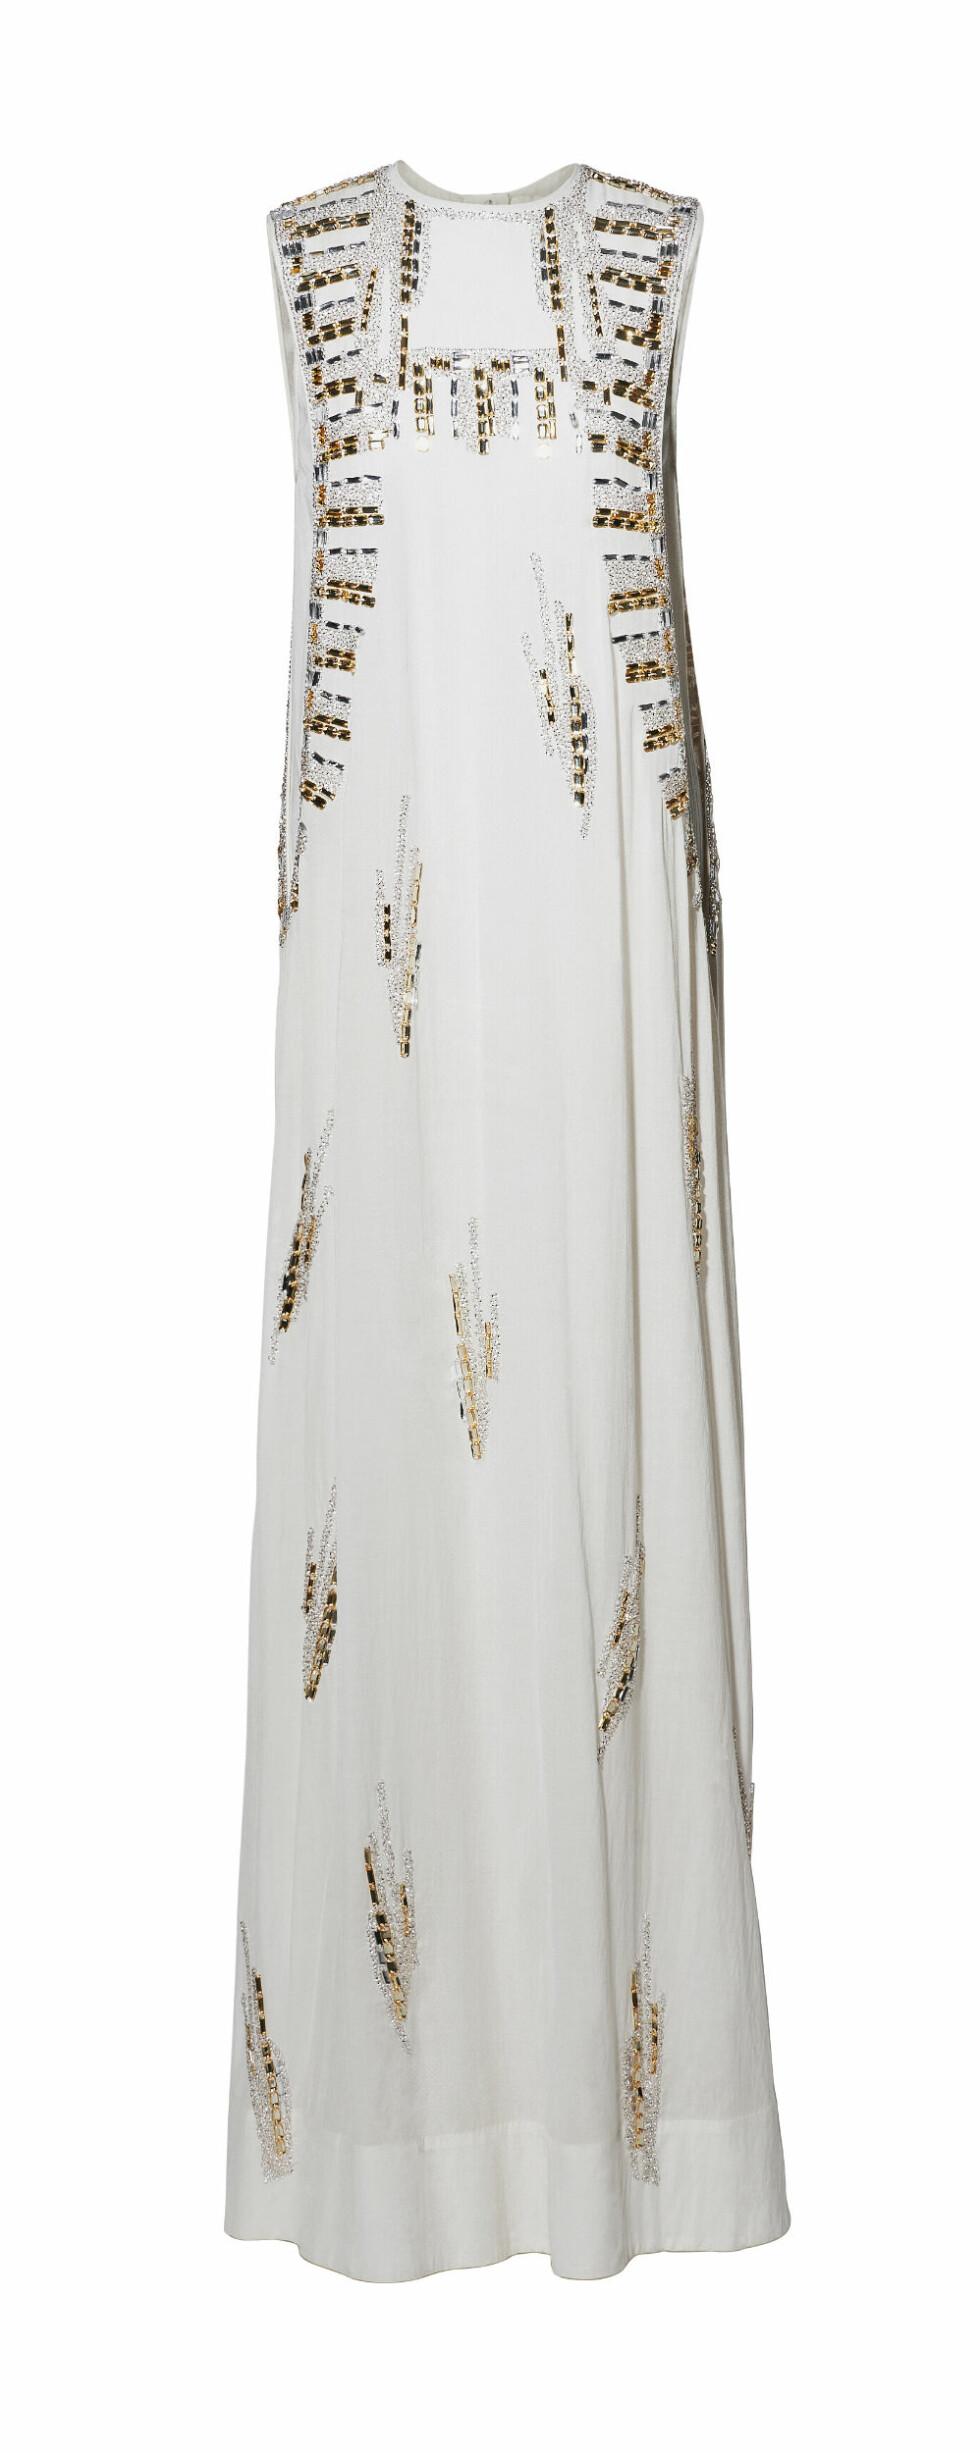 Kjole fra H&M, kr 4999. Foto: Produsenten